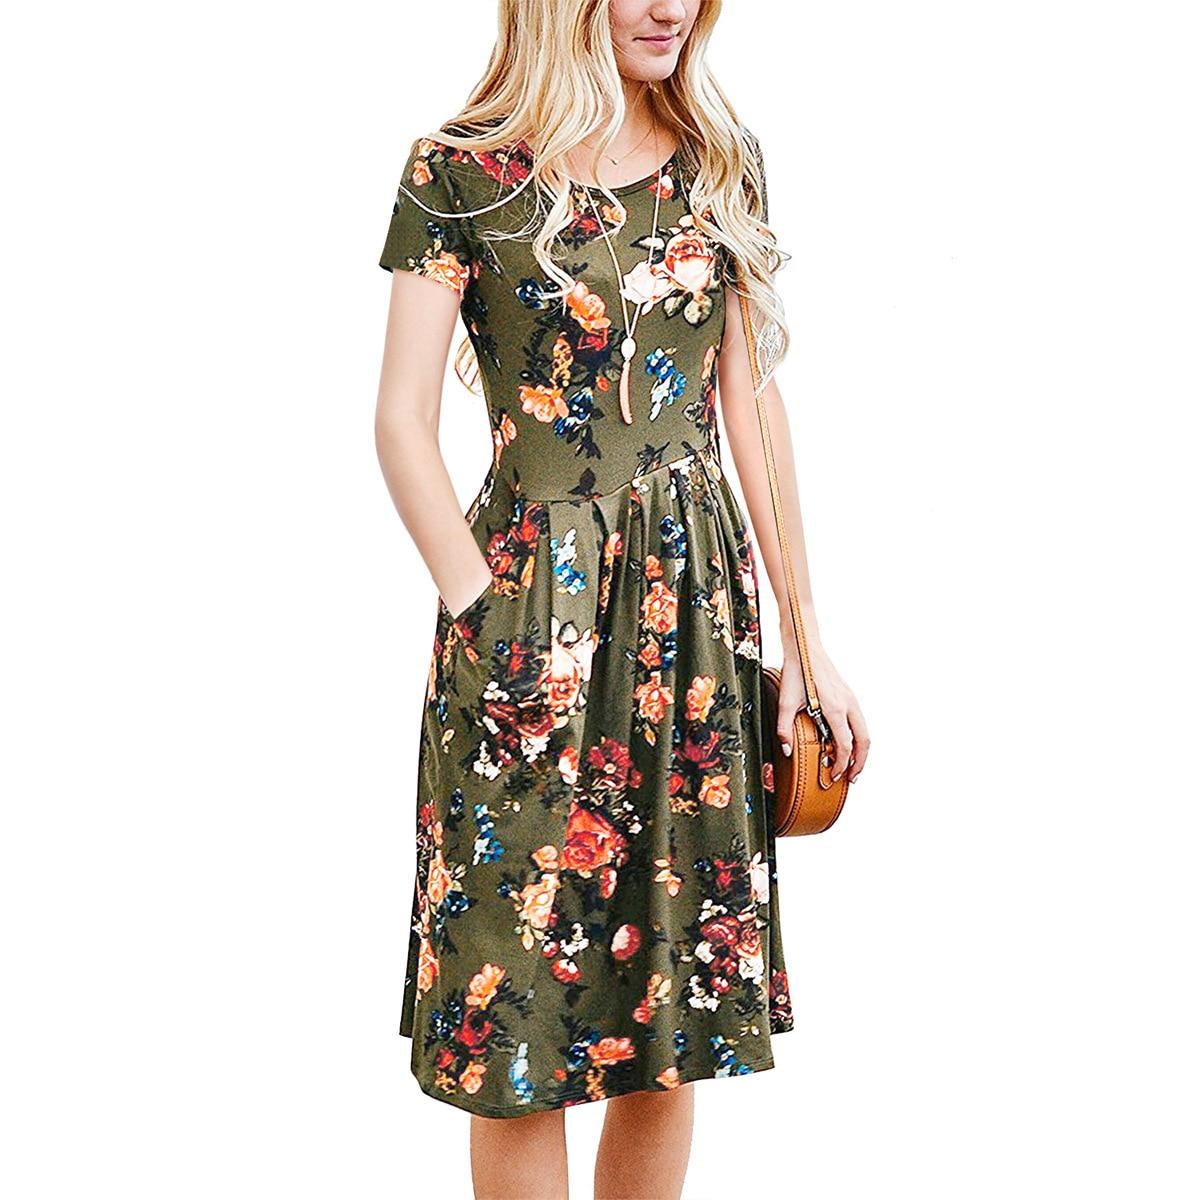 أوسيدي 2018 الصيف النساء أزياء ضئيلة - ملابس نسائية